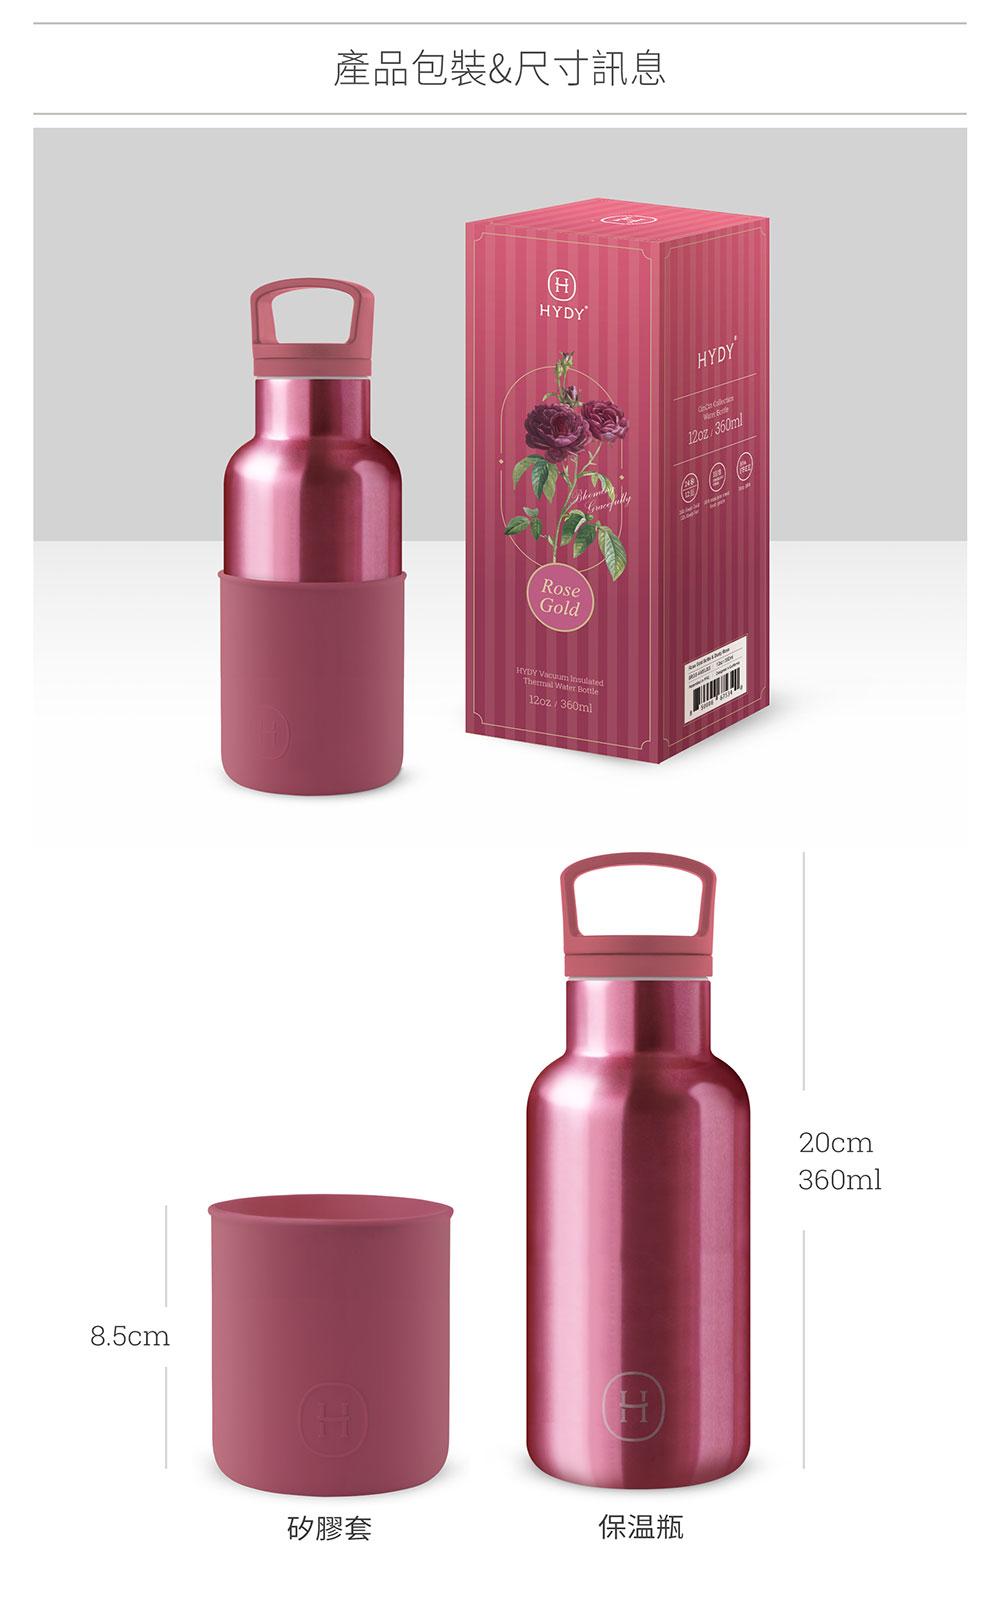 美國 HYDY 時尚不銹鋼保溫水瓶 360ml 玫瑰金瓶 (桑格利亞)